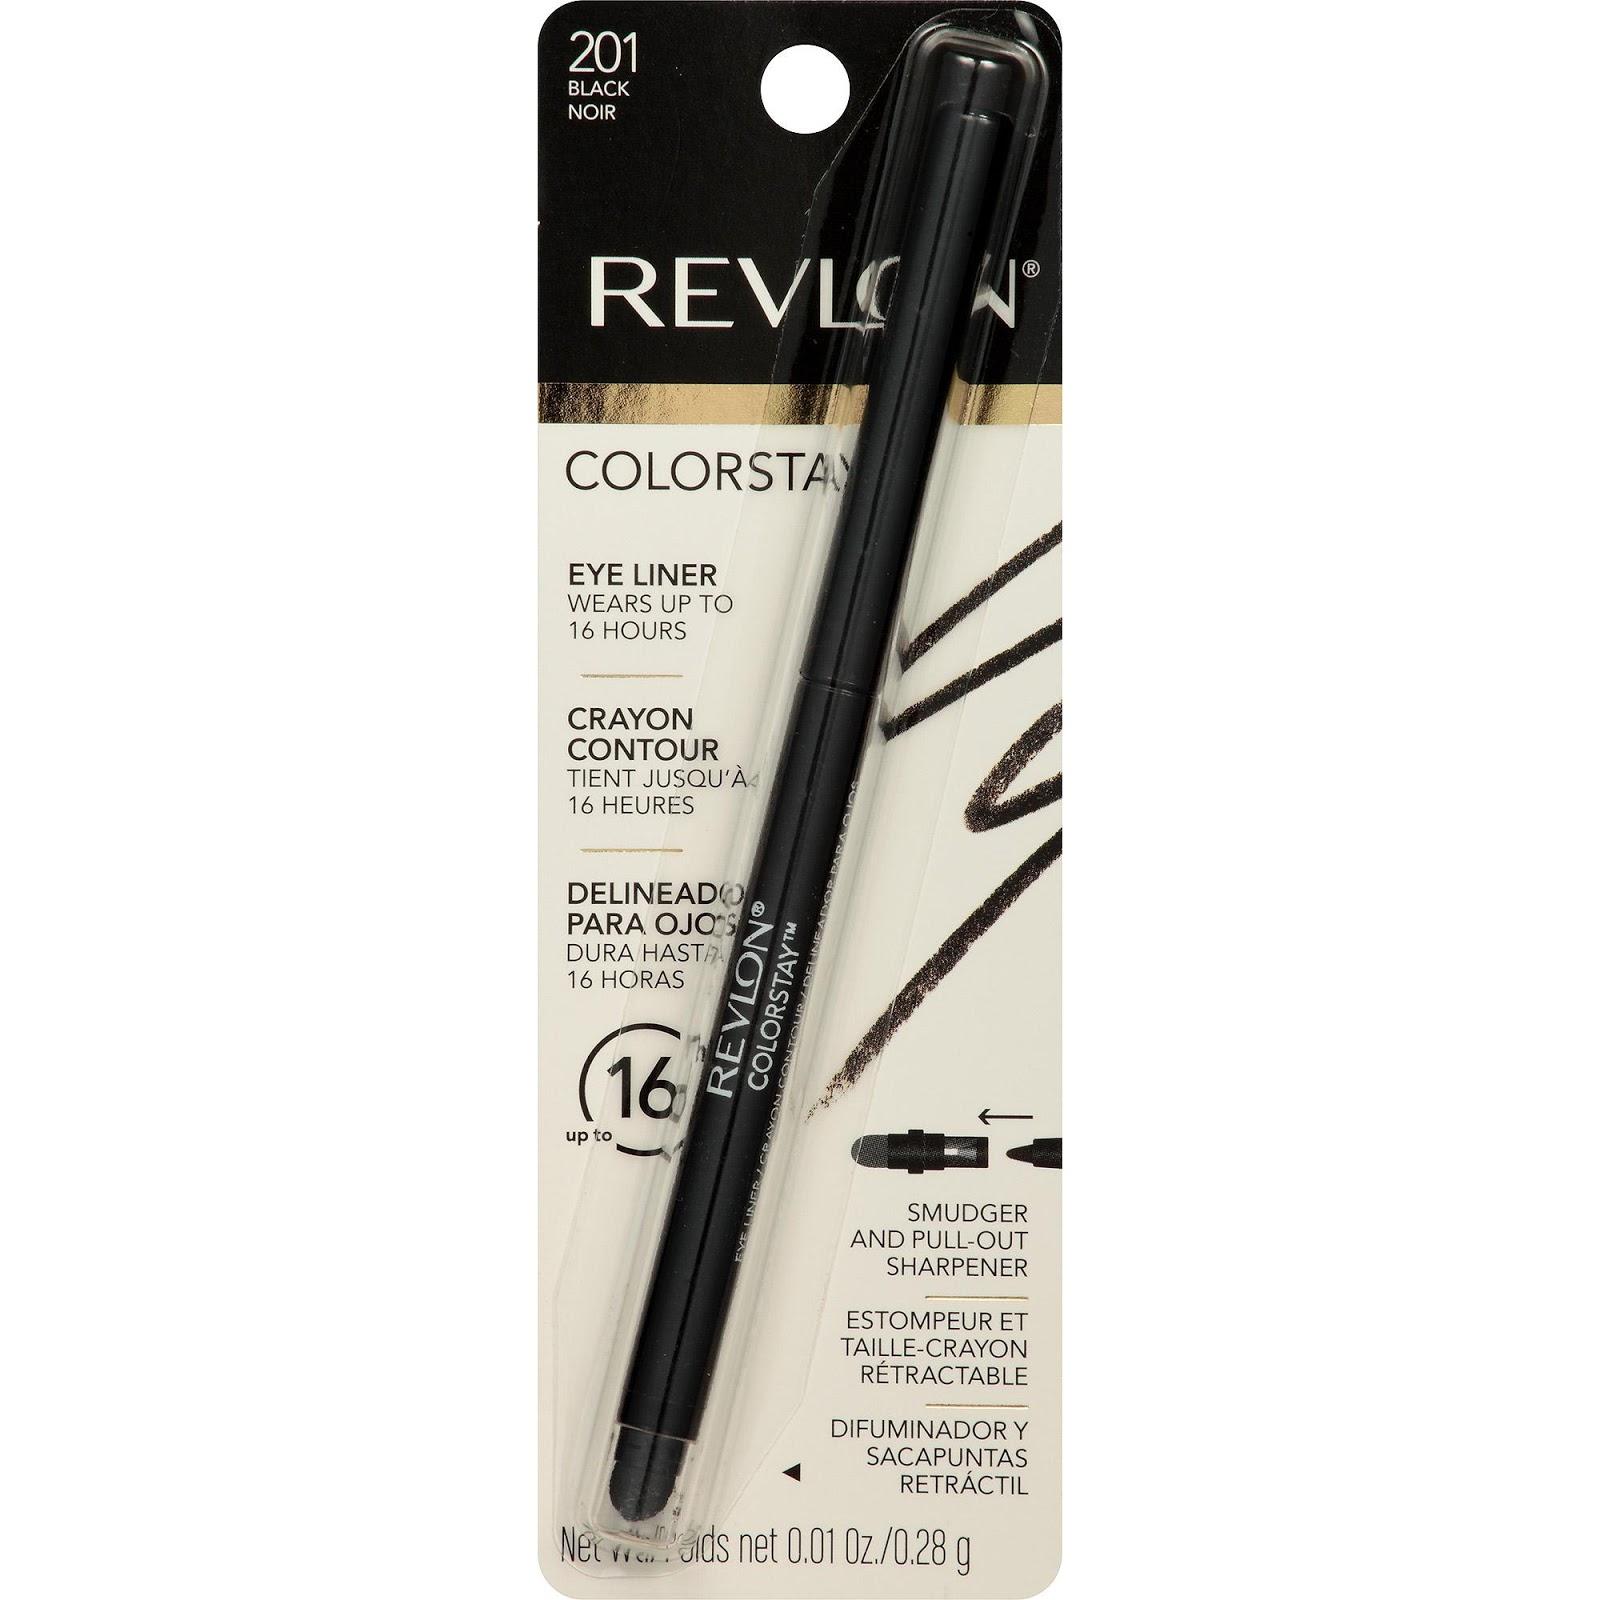 divadebra revlon colorstay eyeliner crayon. Black Bedroom Furniture Sets. Home Design Ideas